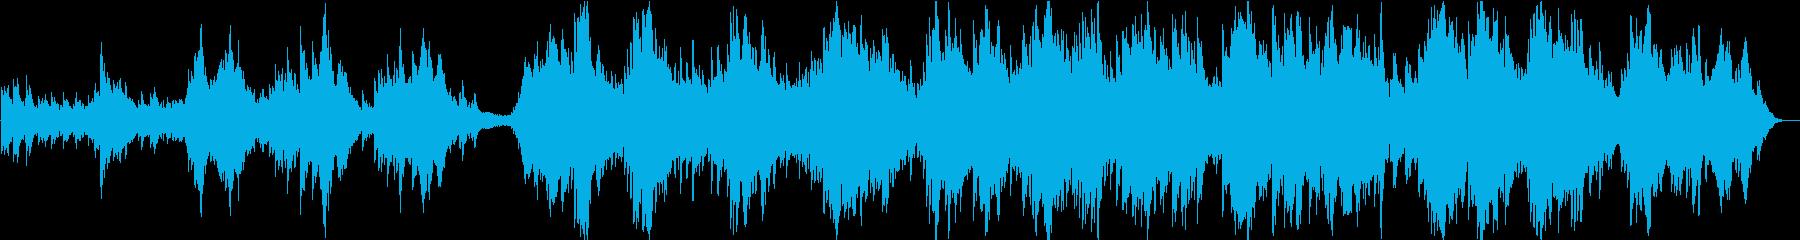 現代の交響曲 室内楽 アンビエント...の再生済みの波形